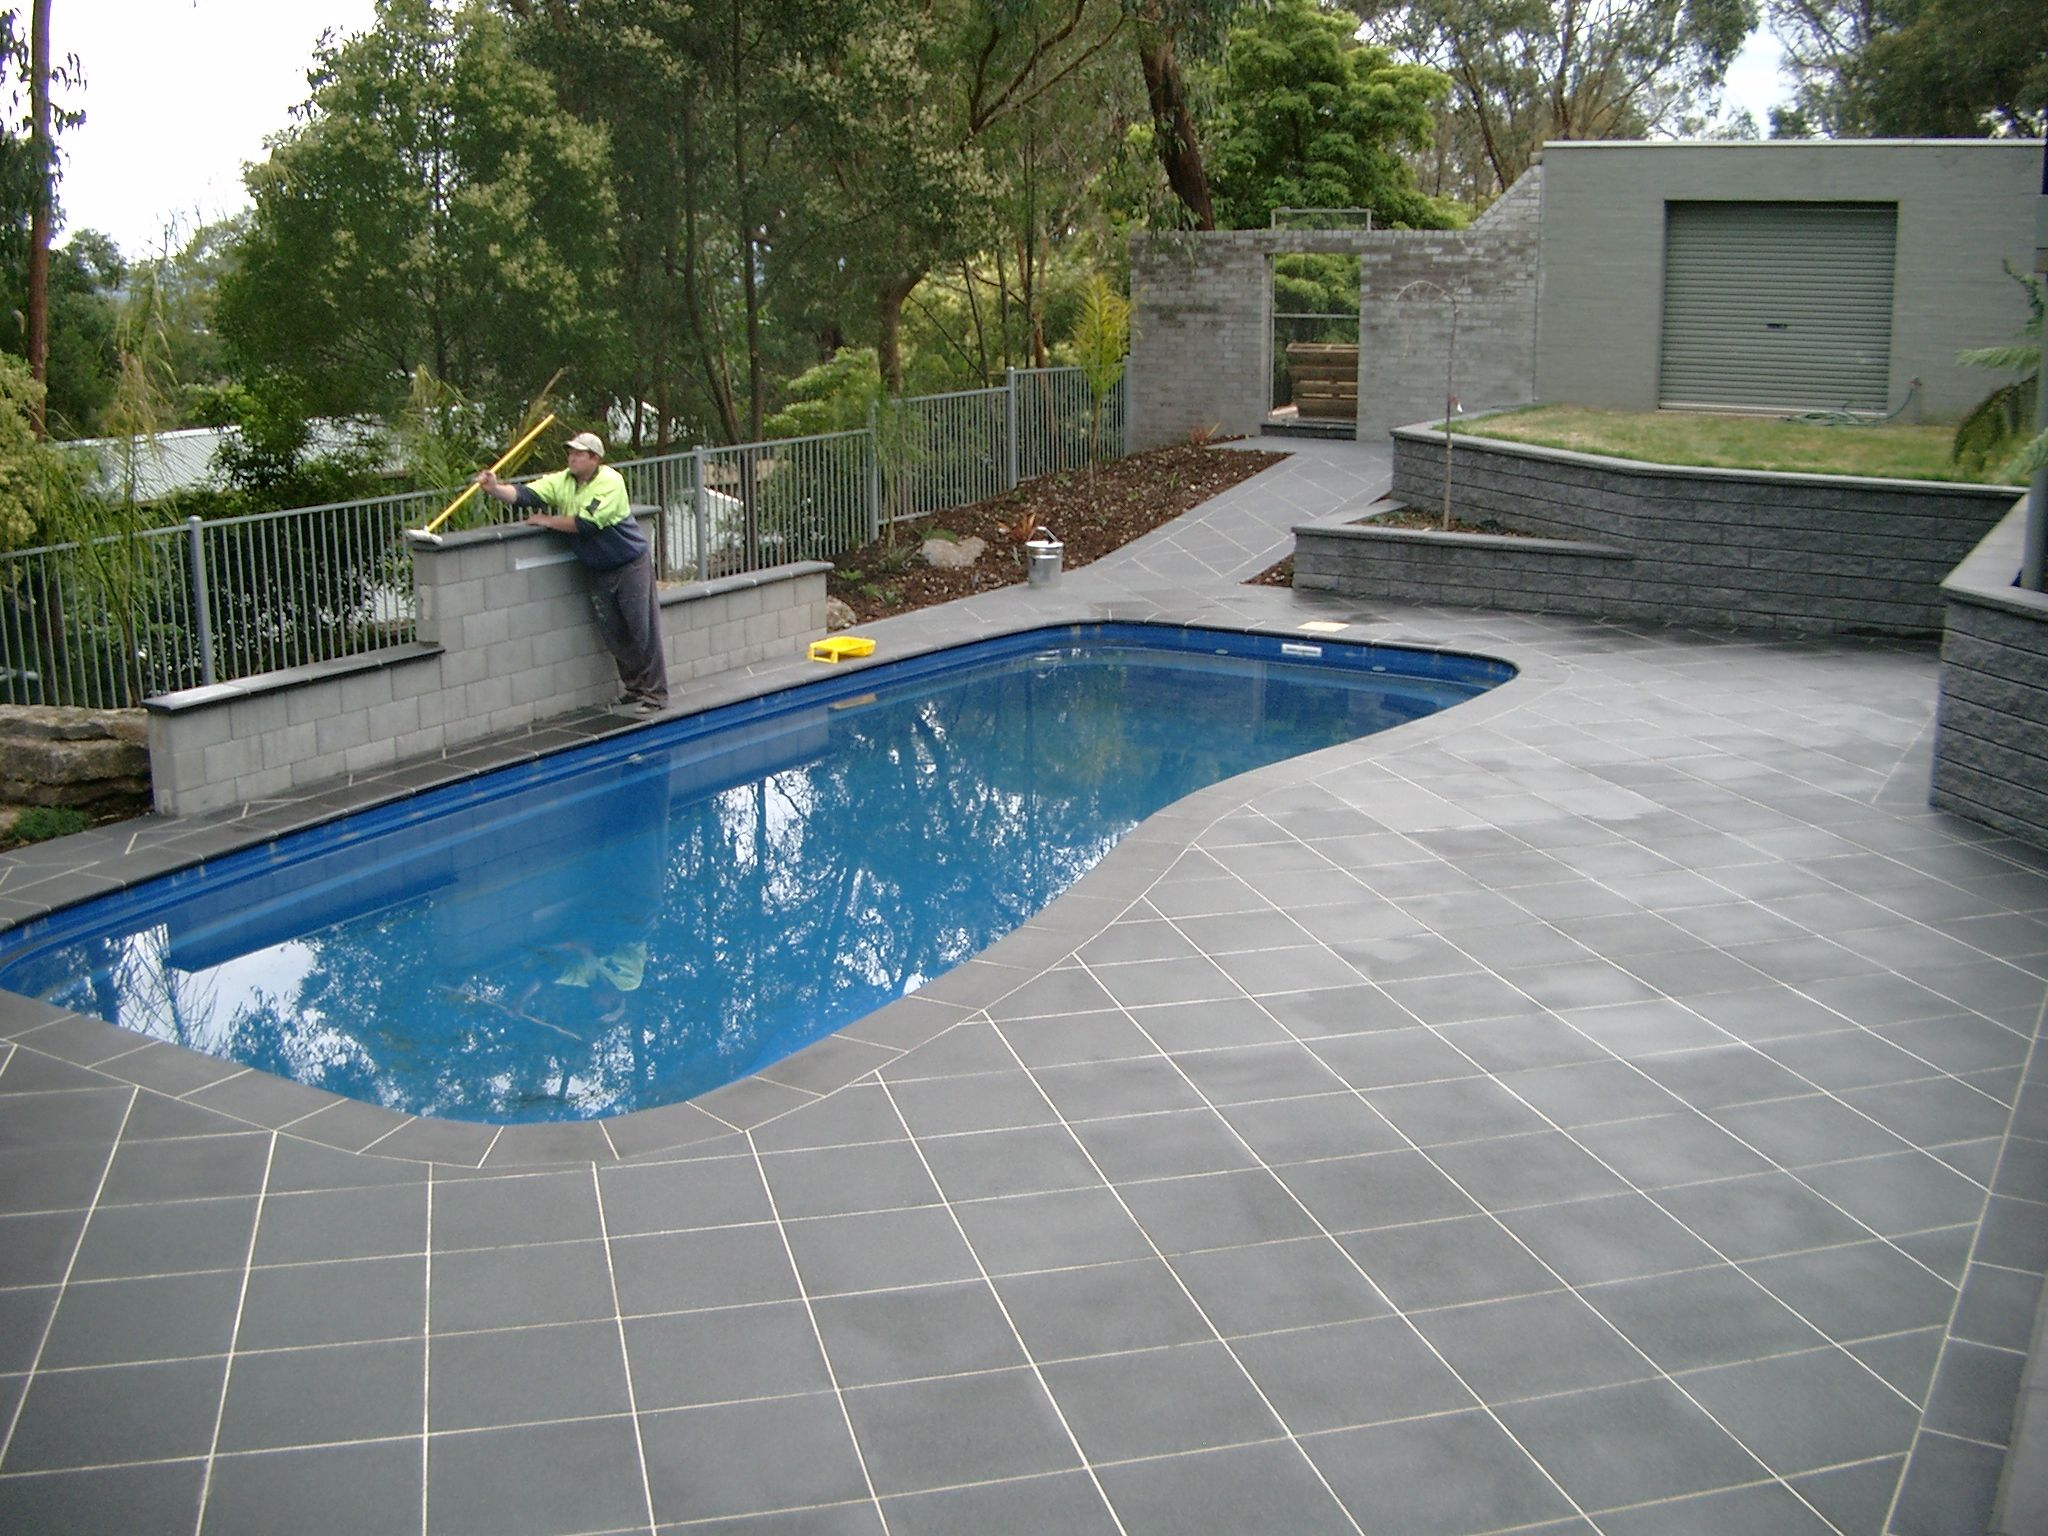 Pool Deck Pavers And Tiles Pool Pavers Travertine Pool Pool Patio